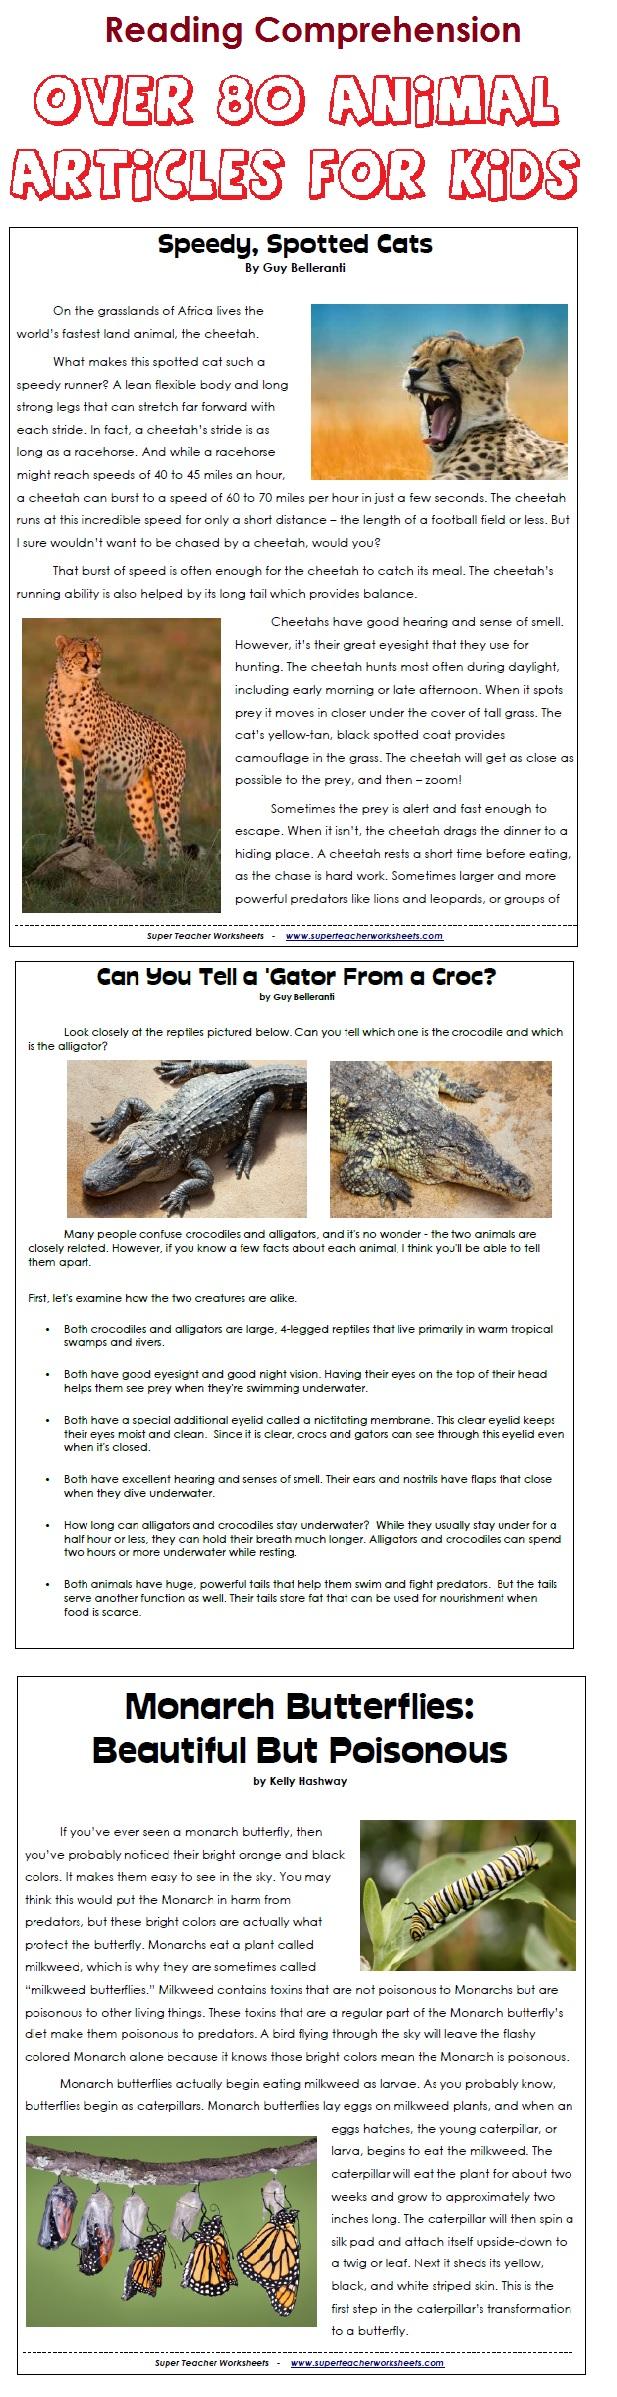 Uncategorized Super Teacher Worksheets Reading Comprehension animal articles for kids